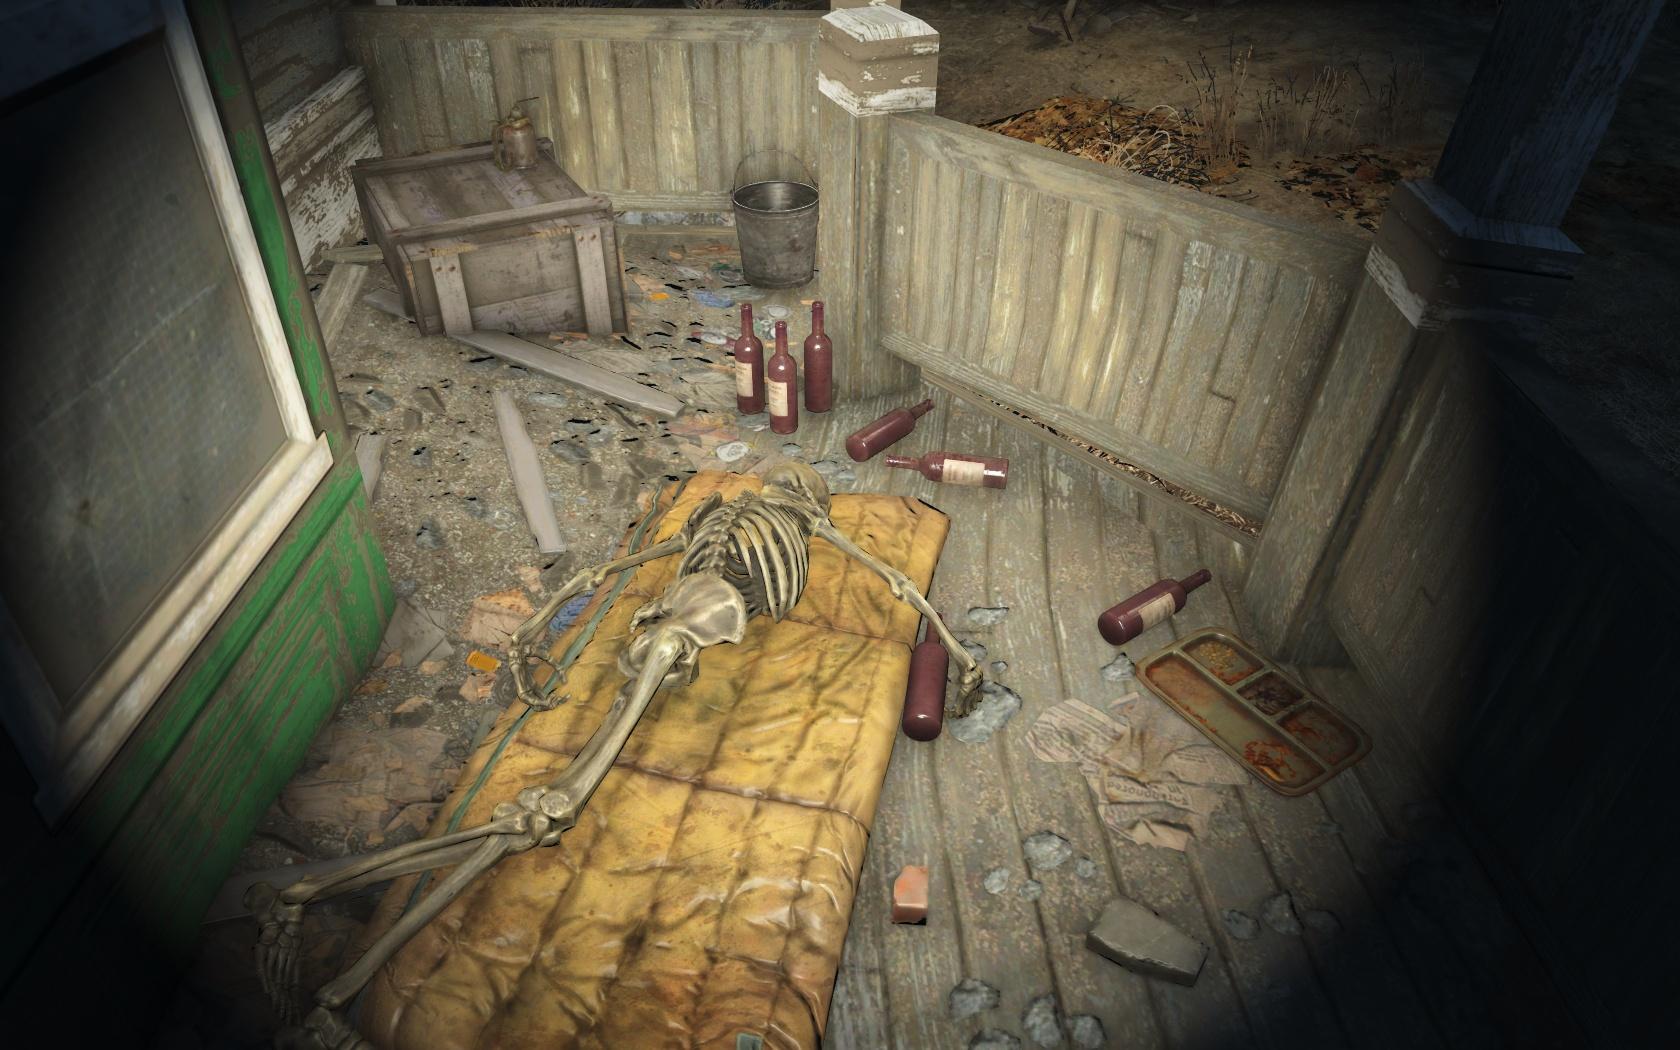 Напиться и забыться (восточнее Резервуара Честнат-Хиллок) - Fallout 4 Резервуар, Резервуар Честнат-Хиллок, Скелет, Честнат-Хиллок